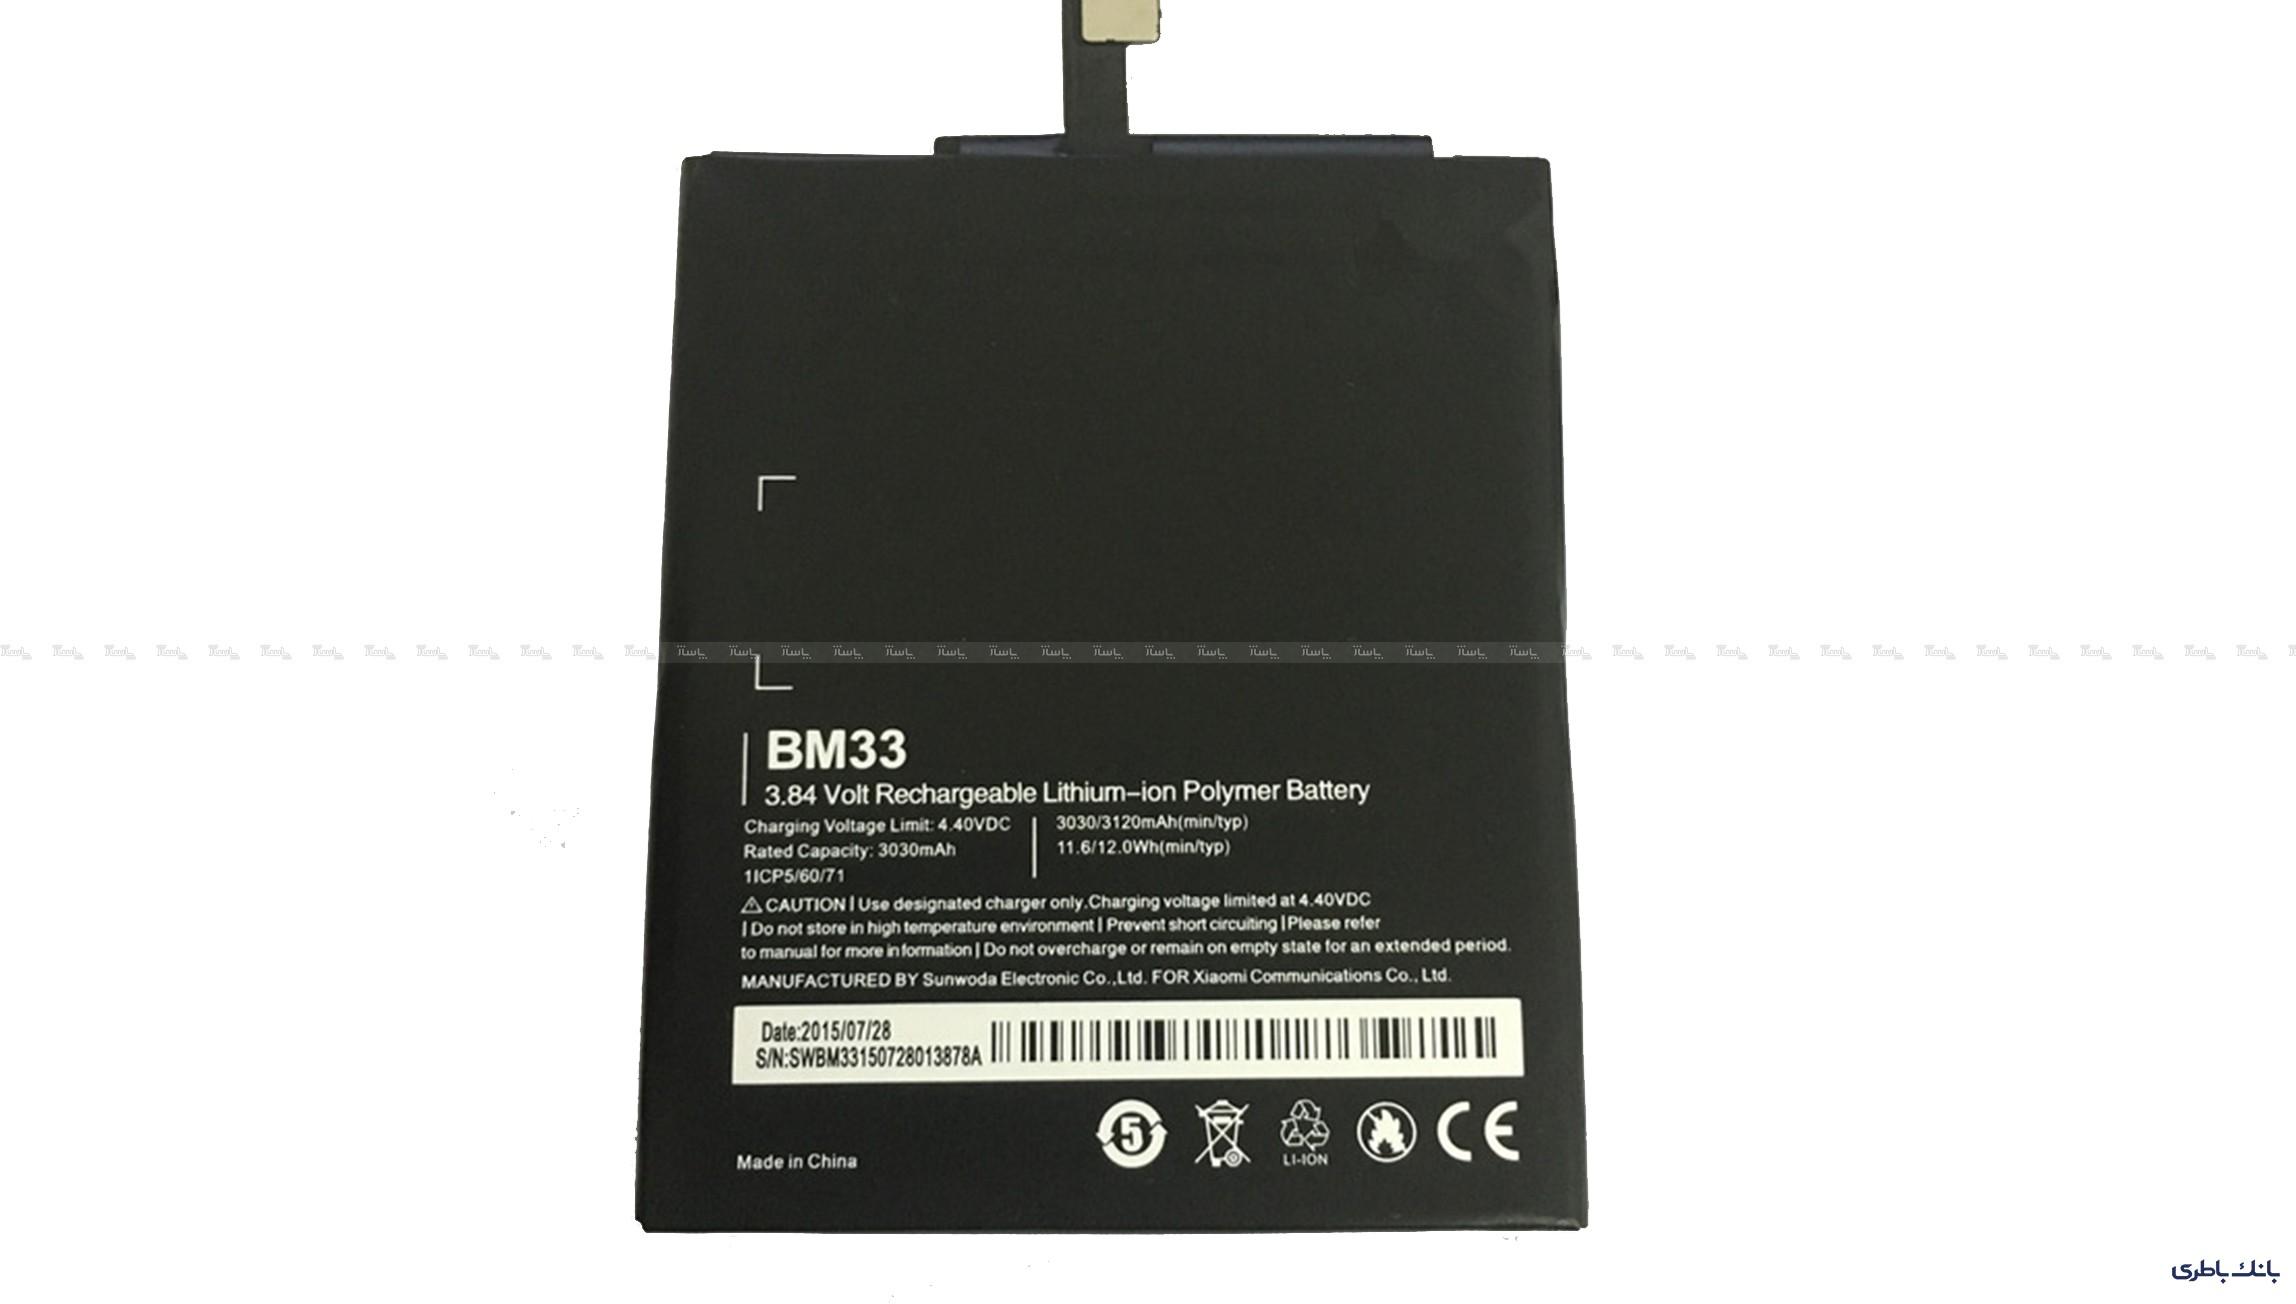 باتری موبایل شیائومی Redmi 4I با کدفنی BM33-تصویر اصلی